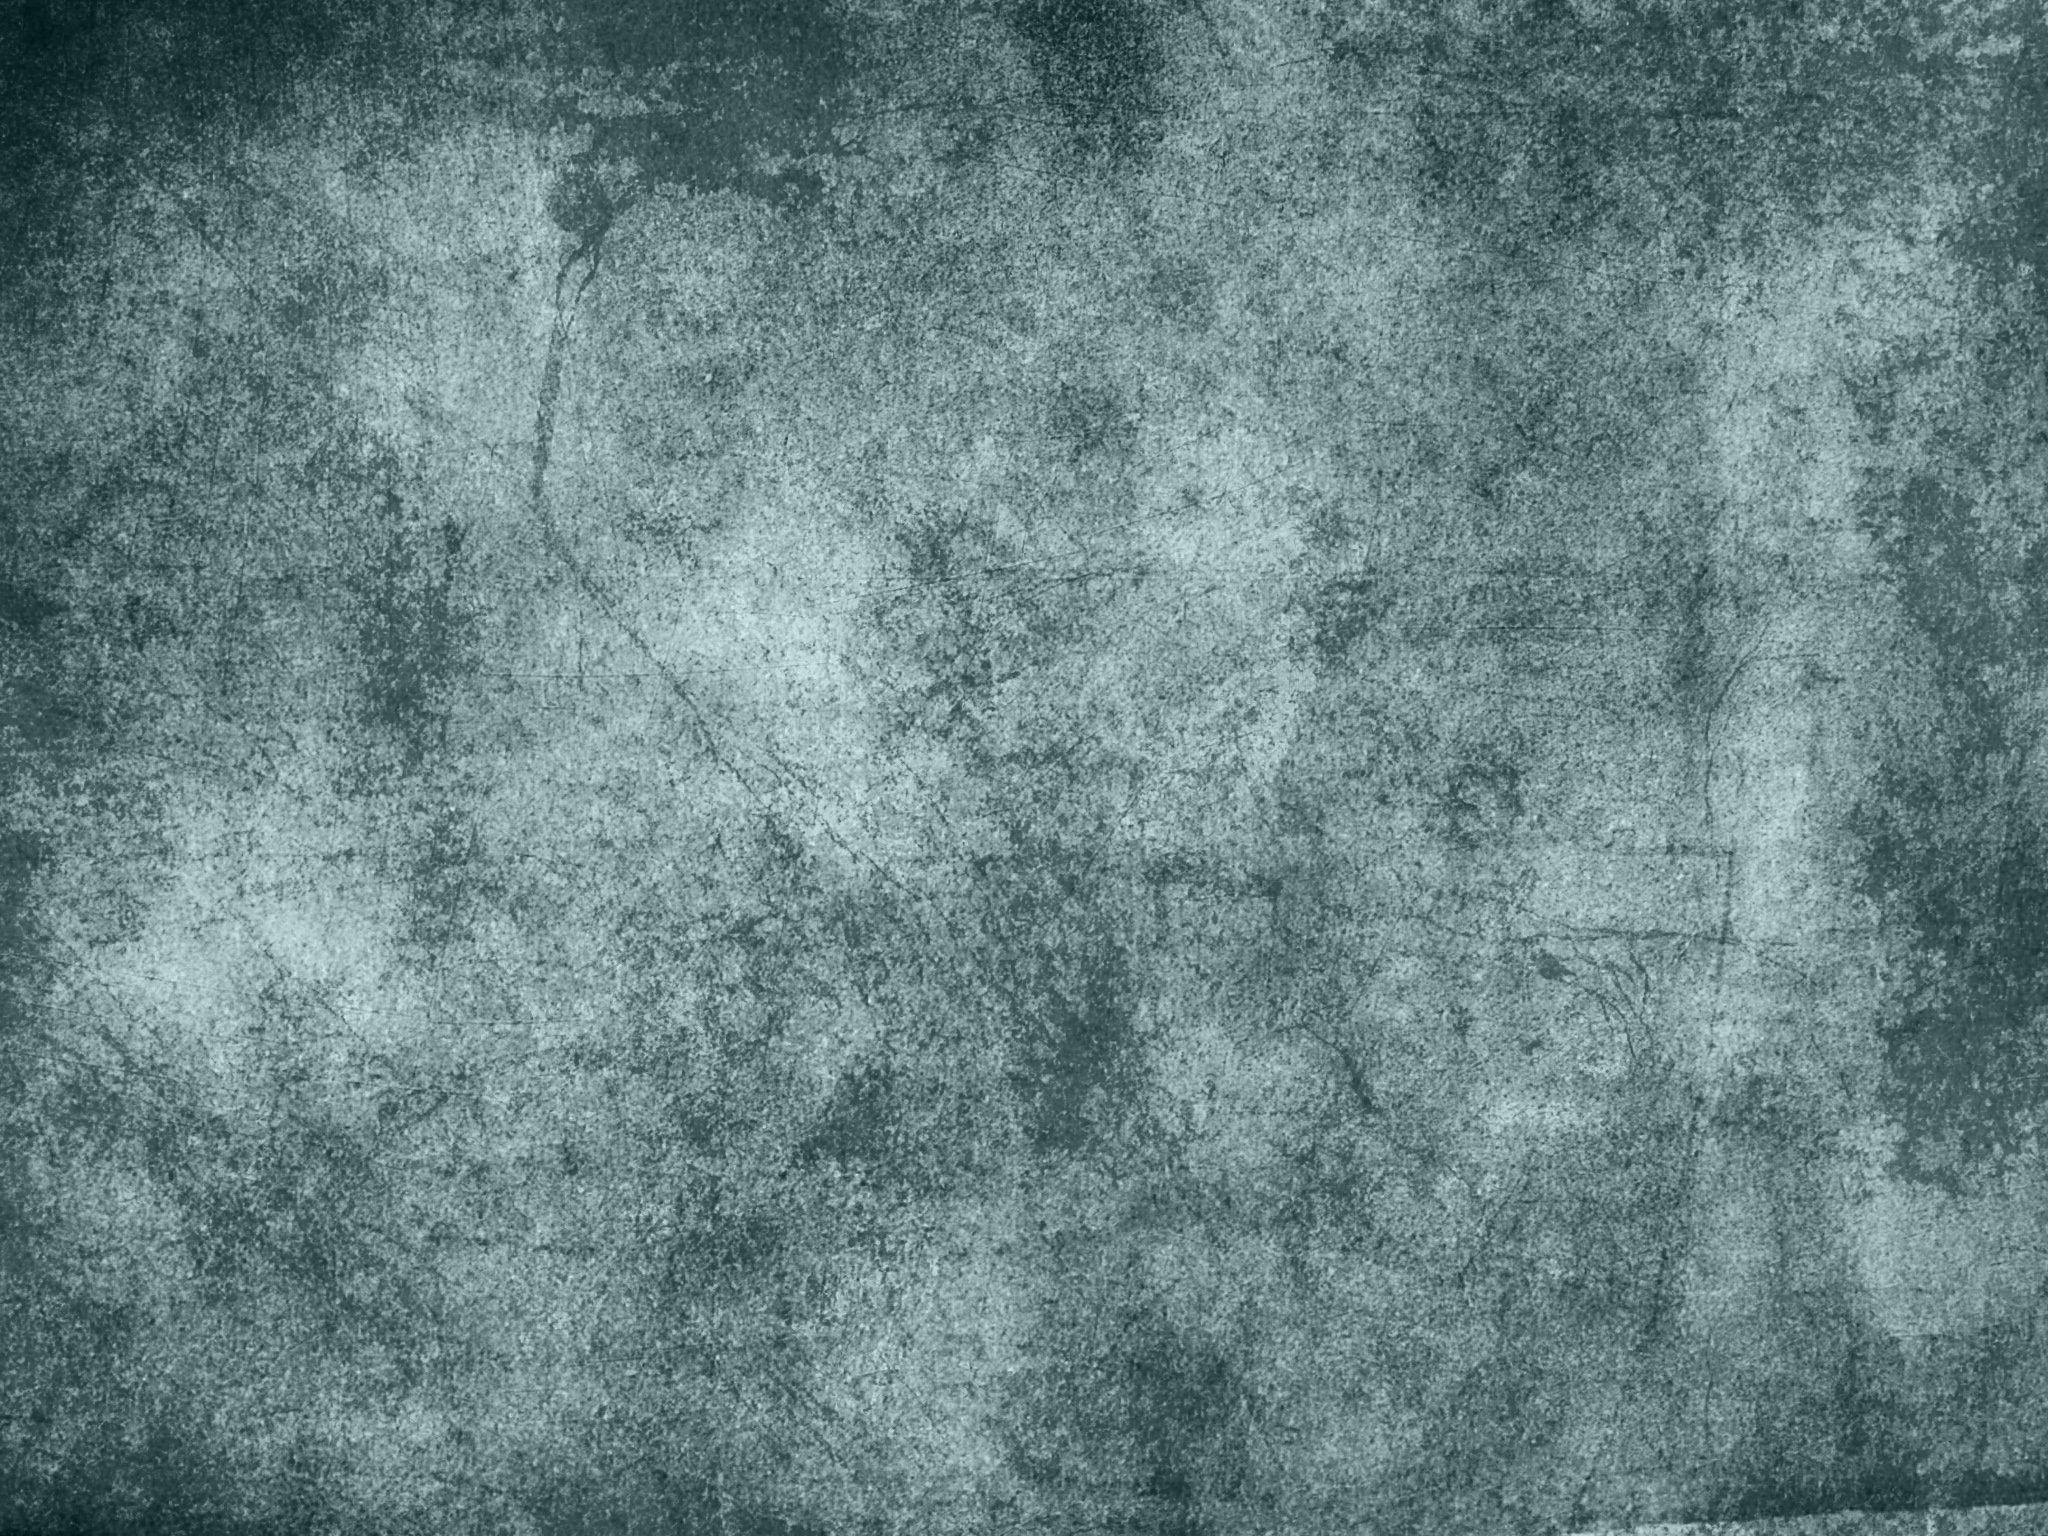 texture grunge digital jooinn